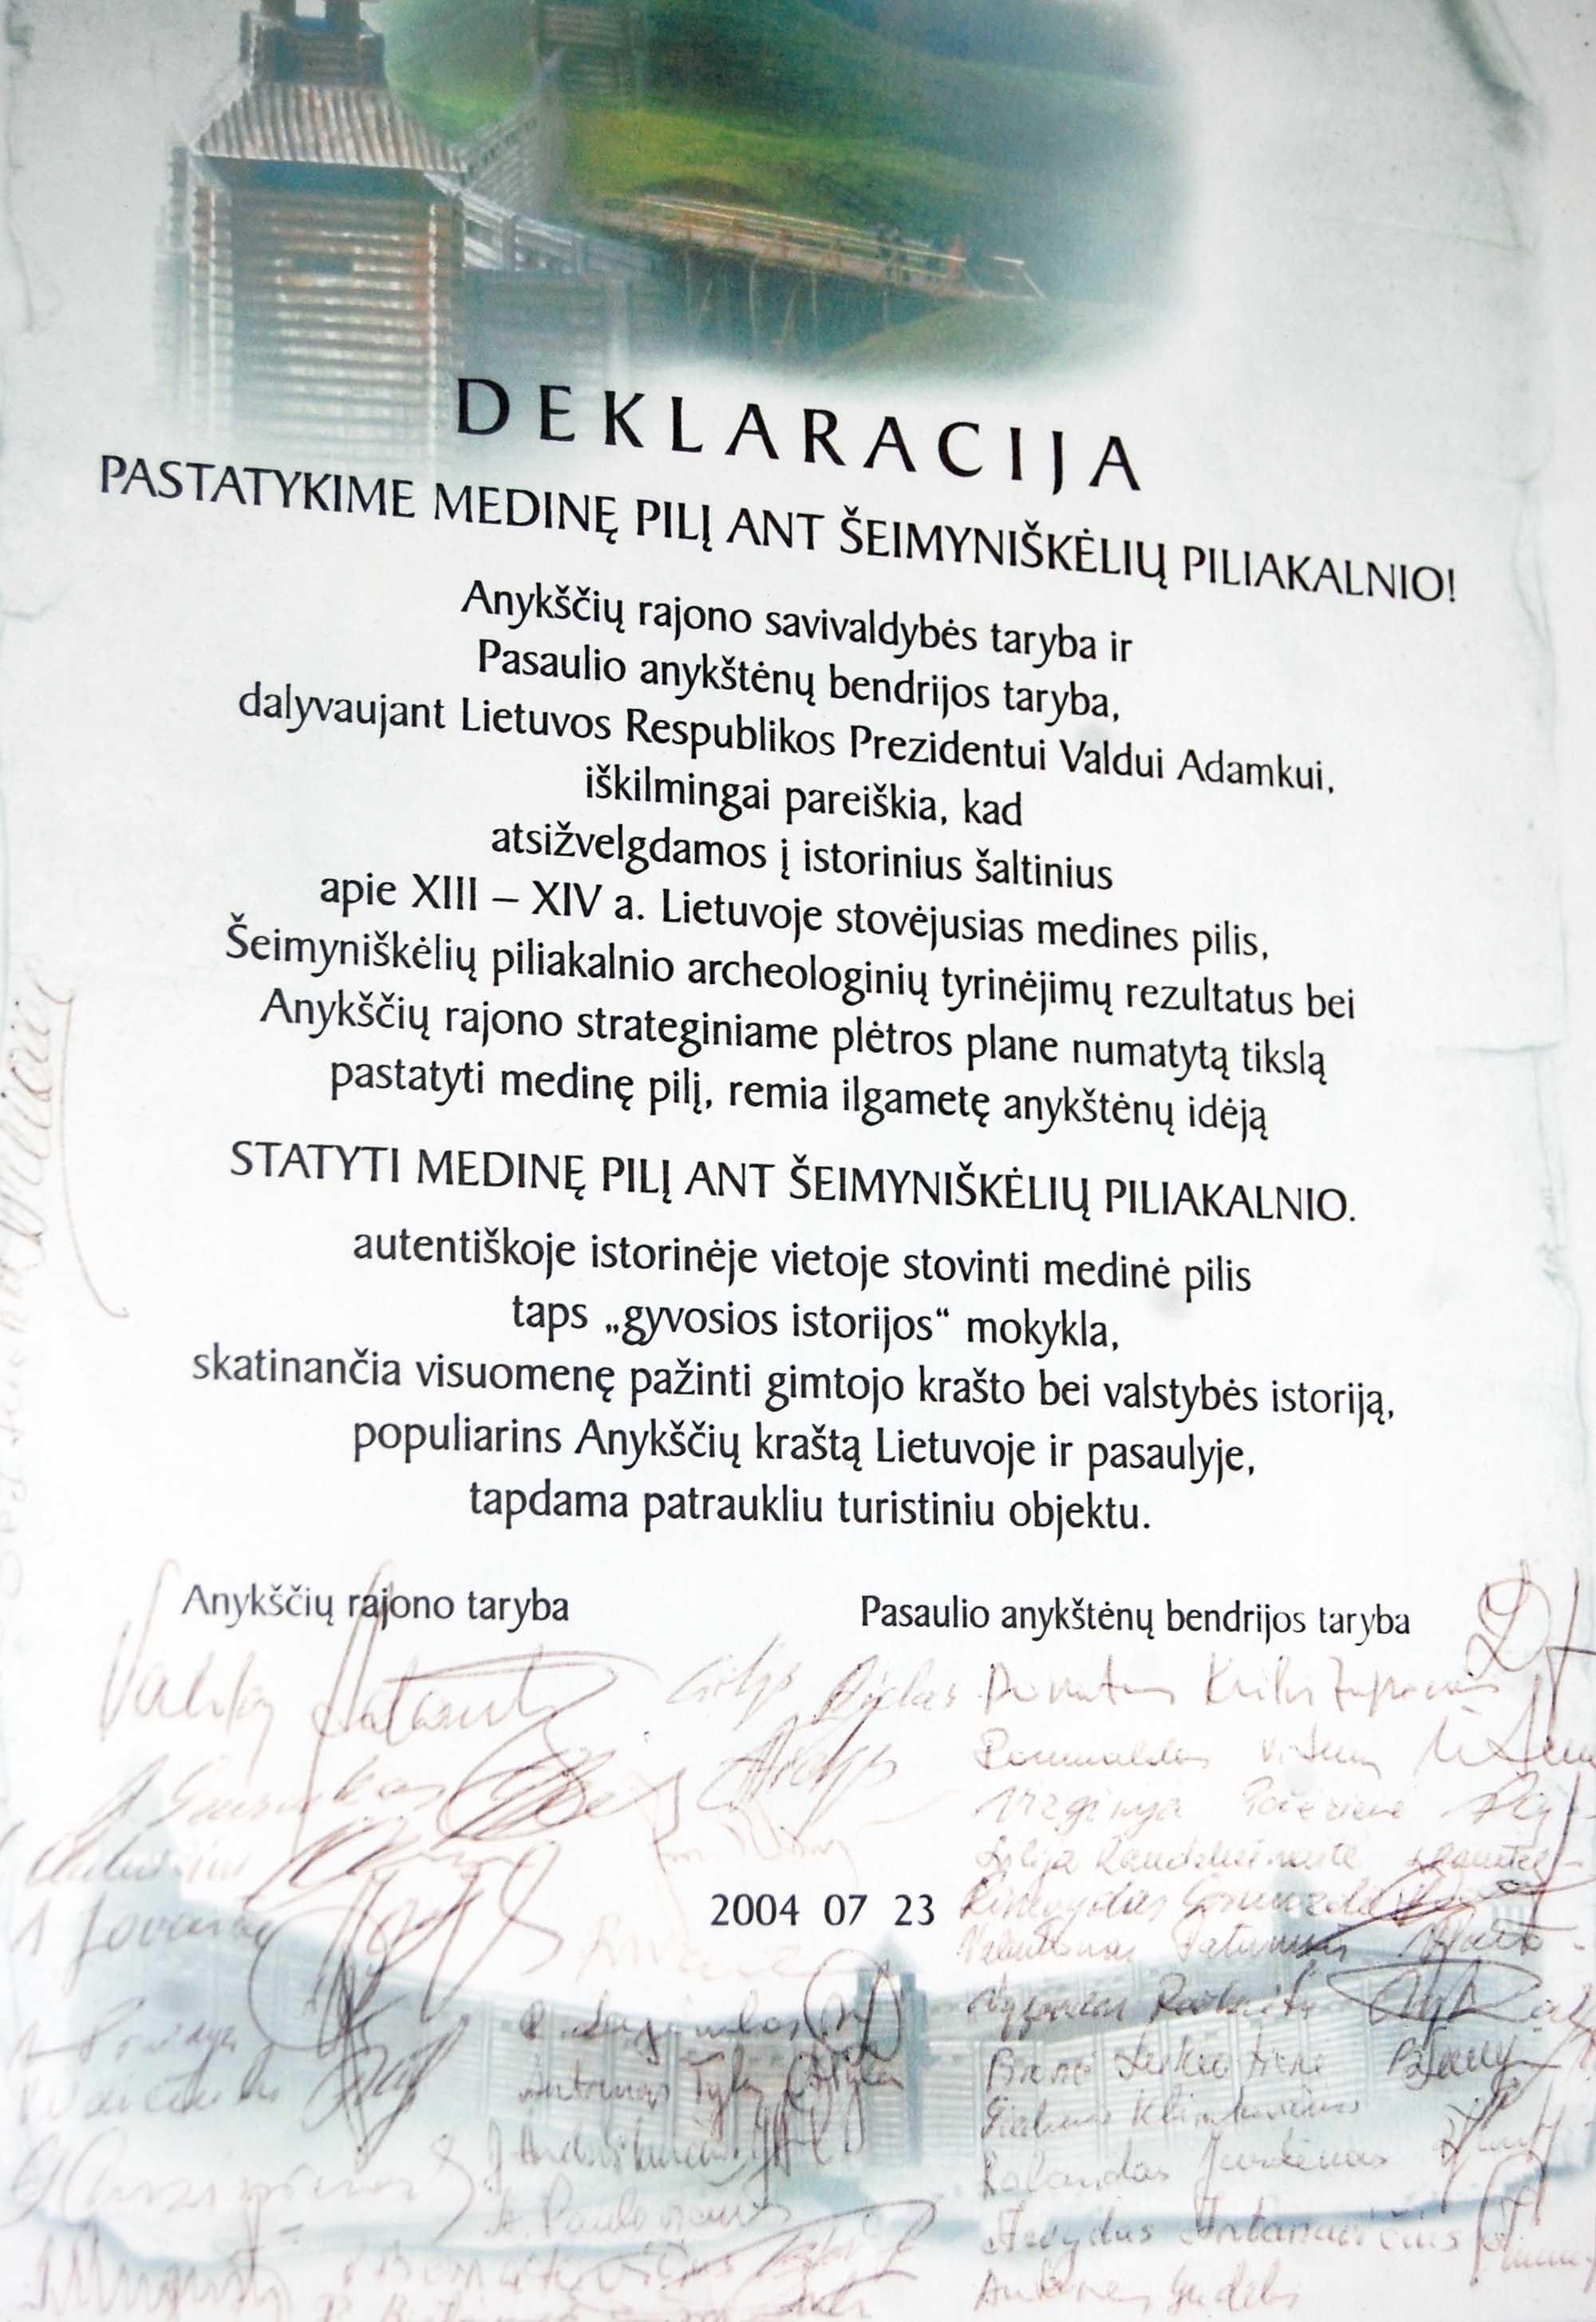 Vorutos pilies atstatymo deklaracija | Anyksciai.lt nuotr.